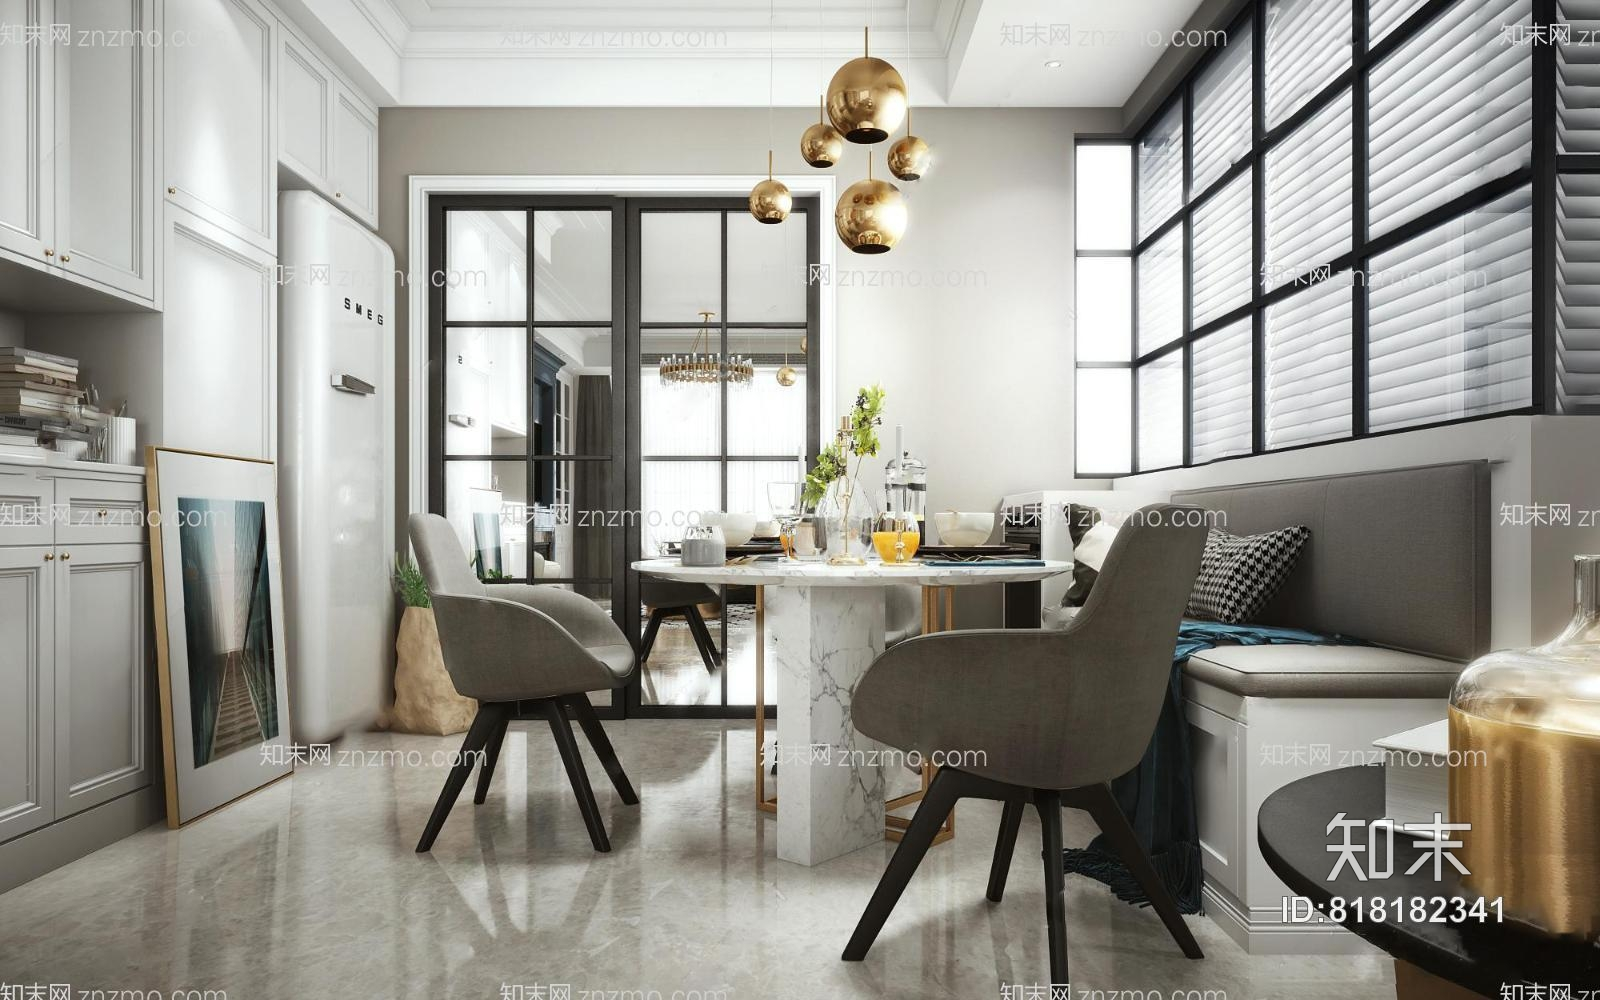 现代客餐厅 吊灯 台灯 单人沙发 多人沙发 茶几 壁炉 餐桌椅